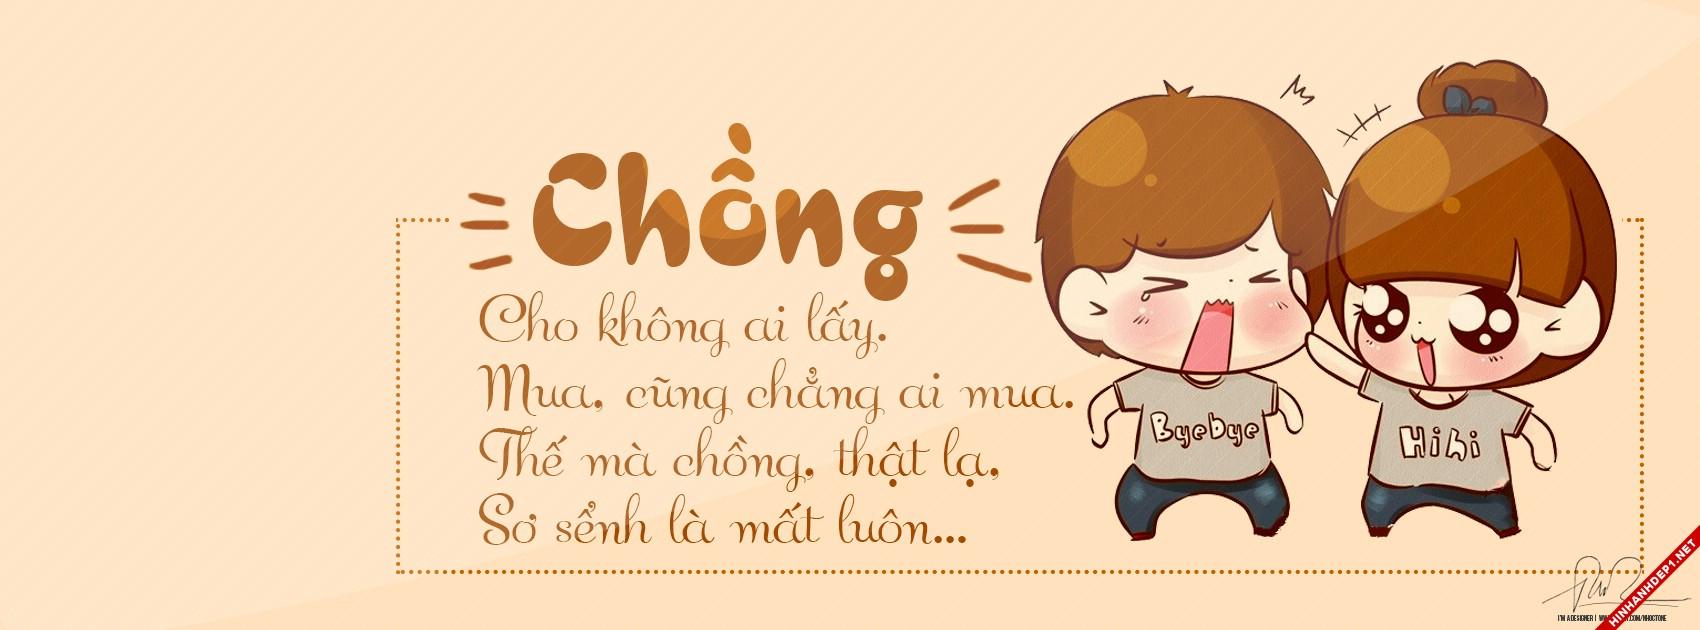 nhung-hinh-anh-hoat-hinh-dep-ve-tinh-yeu-cuc-de-thuong (3)